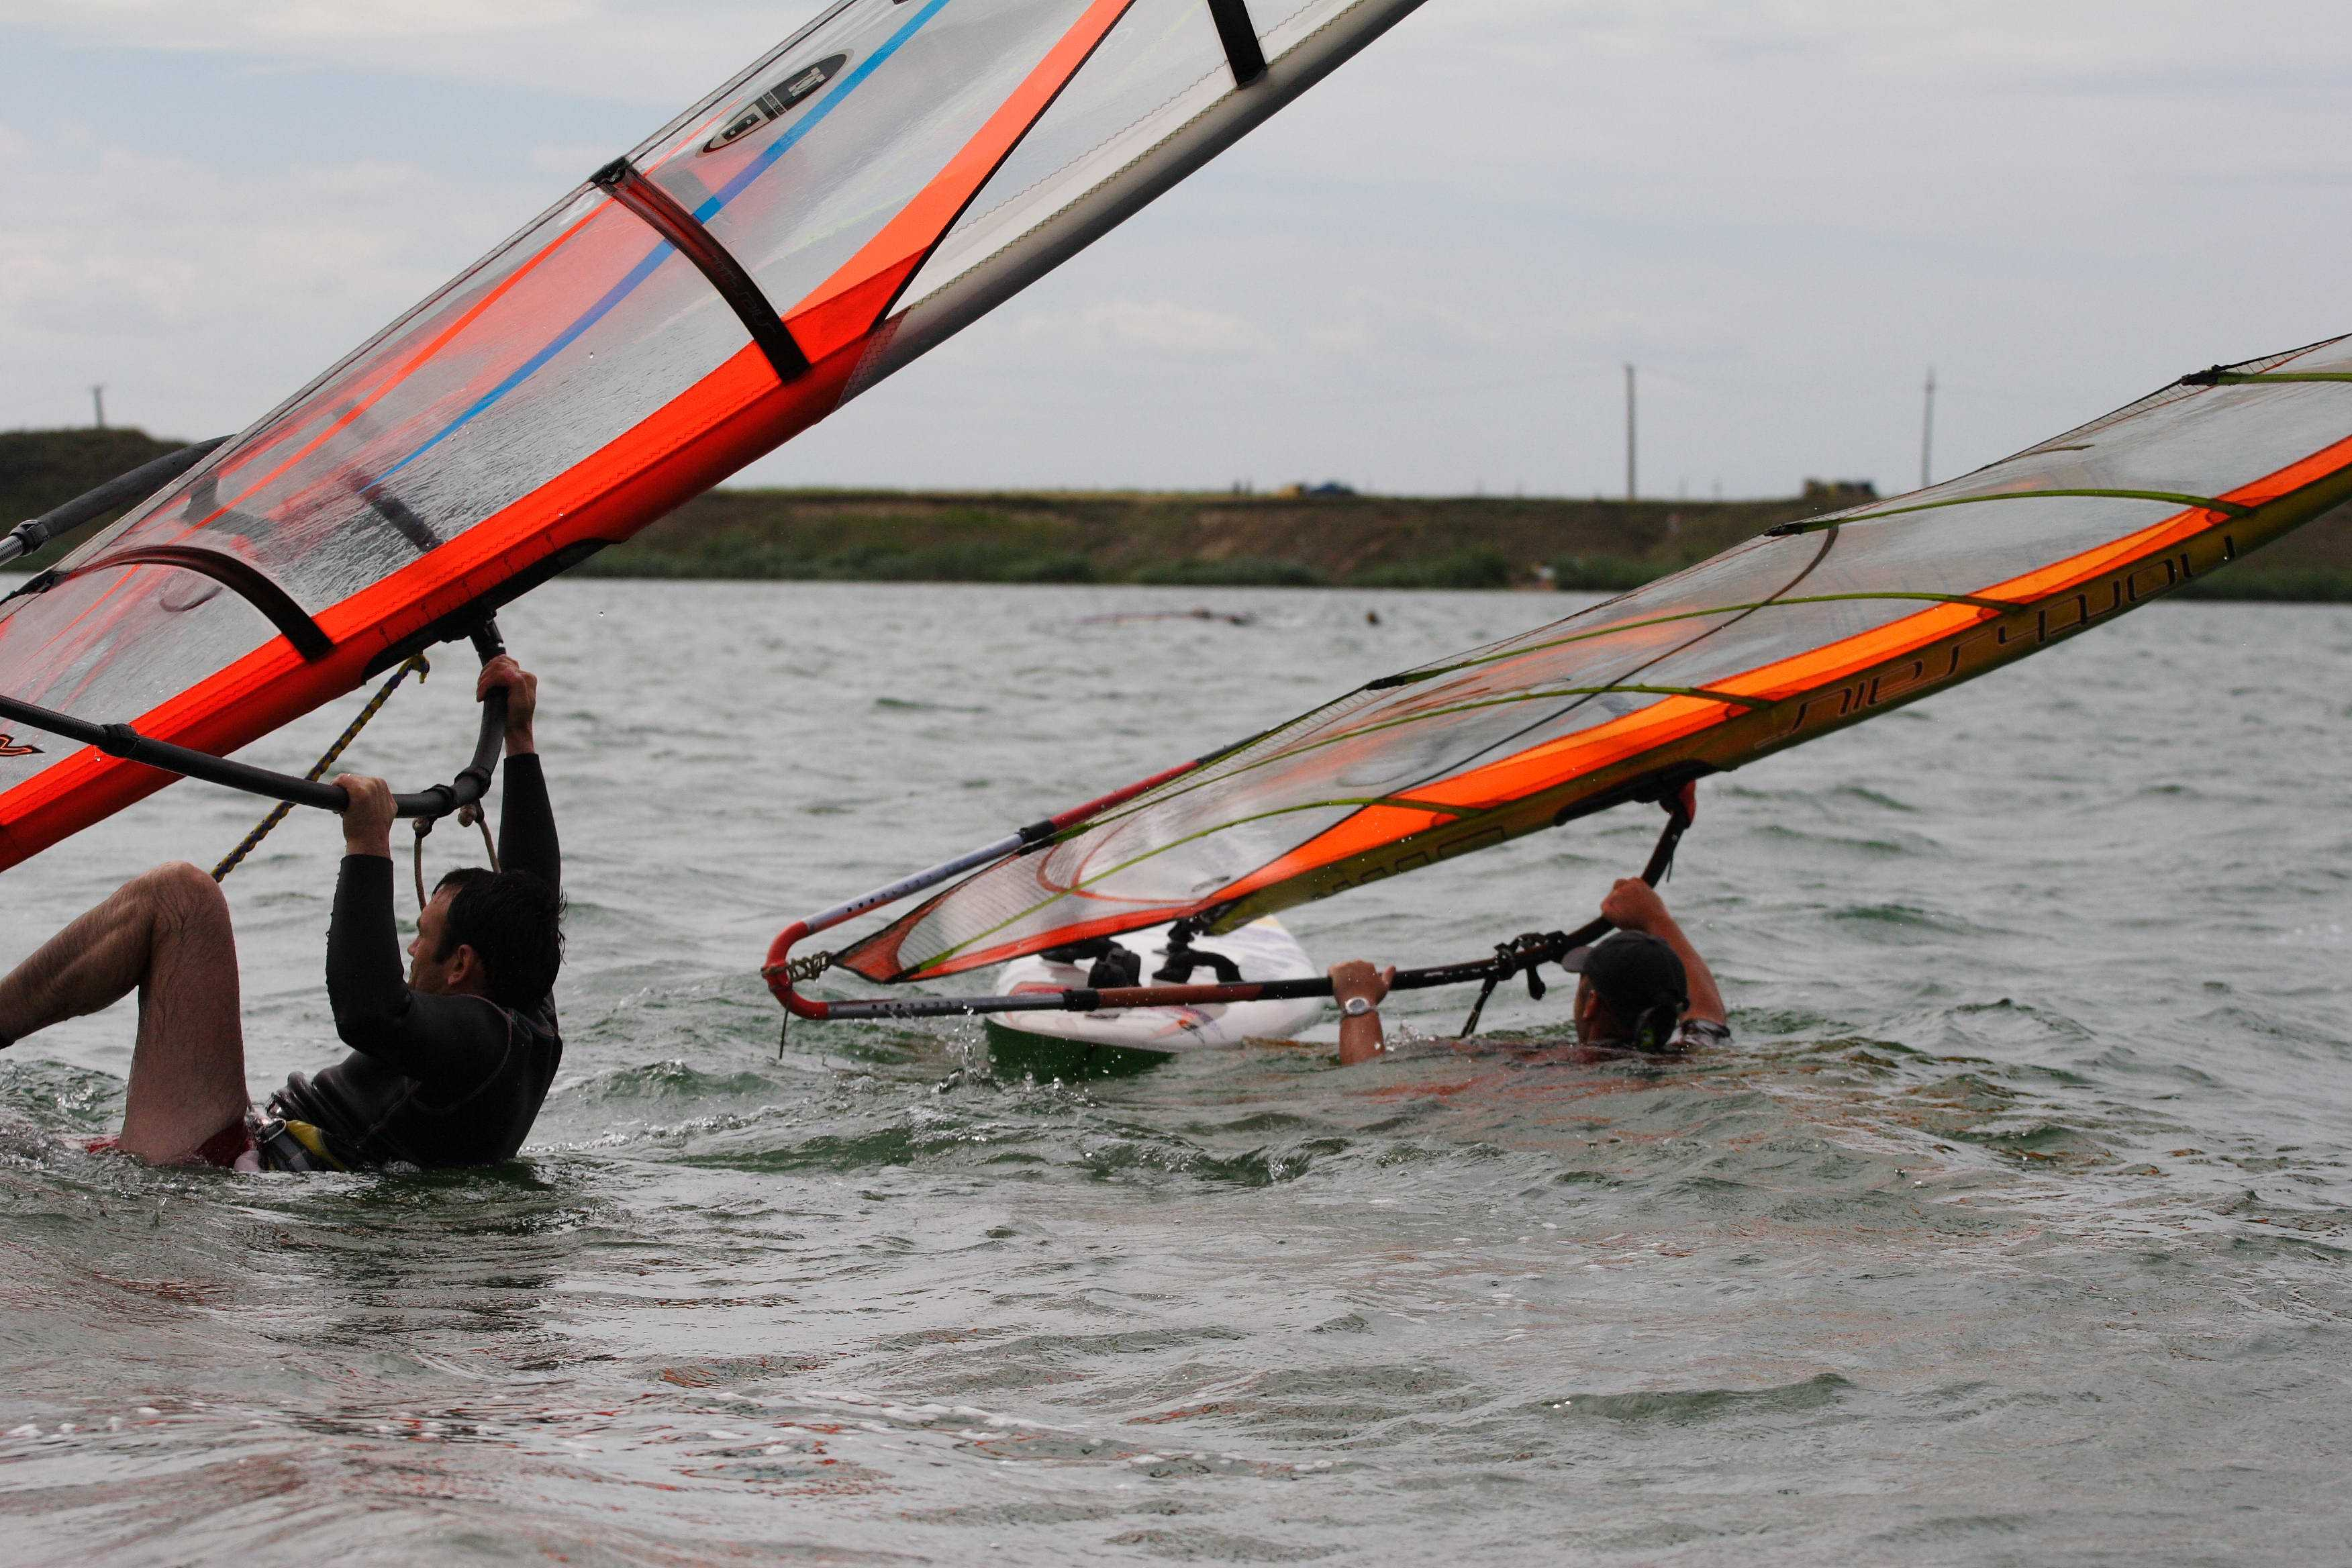 windsurfing-arad_13_2.jpg